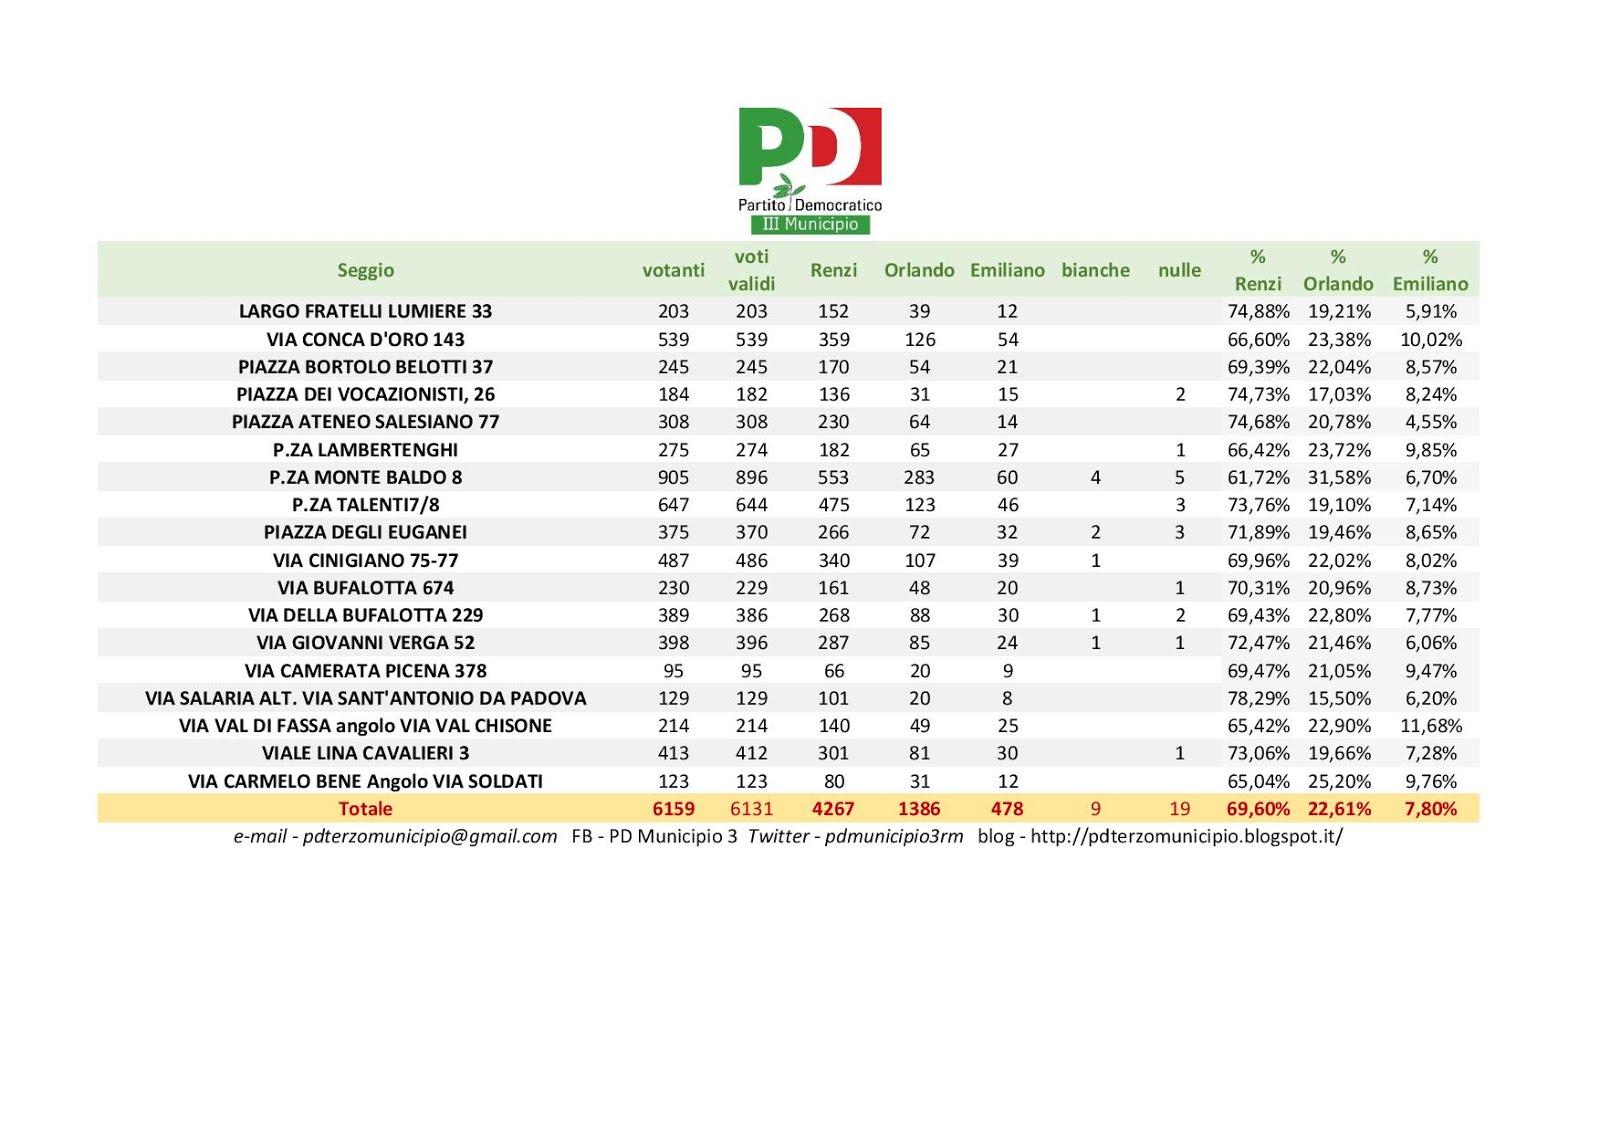 Primarie 2017 - III Municipio - I dati seggio per seggio